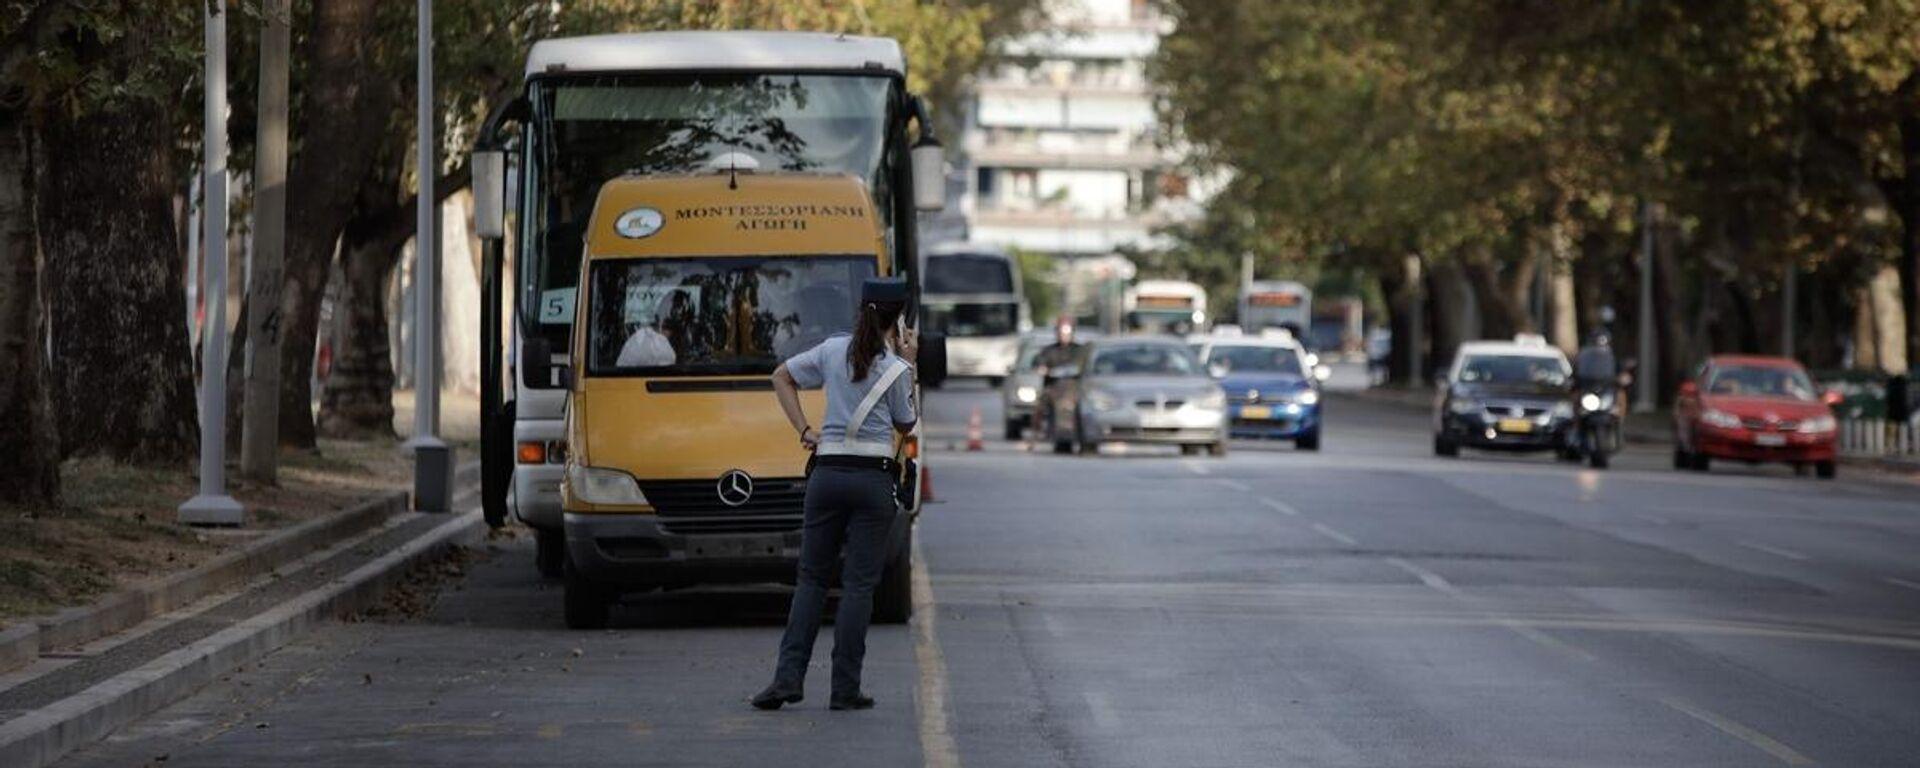 Σχολικό λεωφορείο - Sputnik Ελλάδα, 1920, 22.09.2021